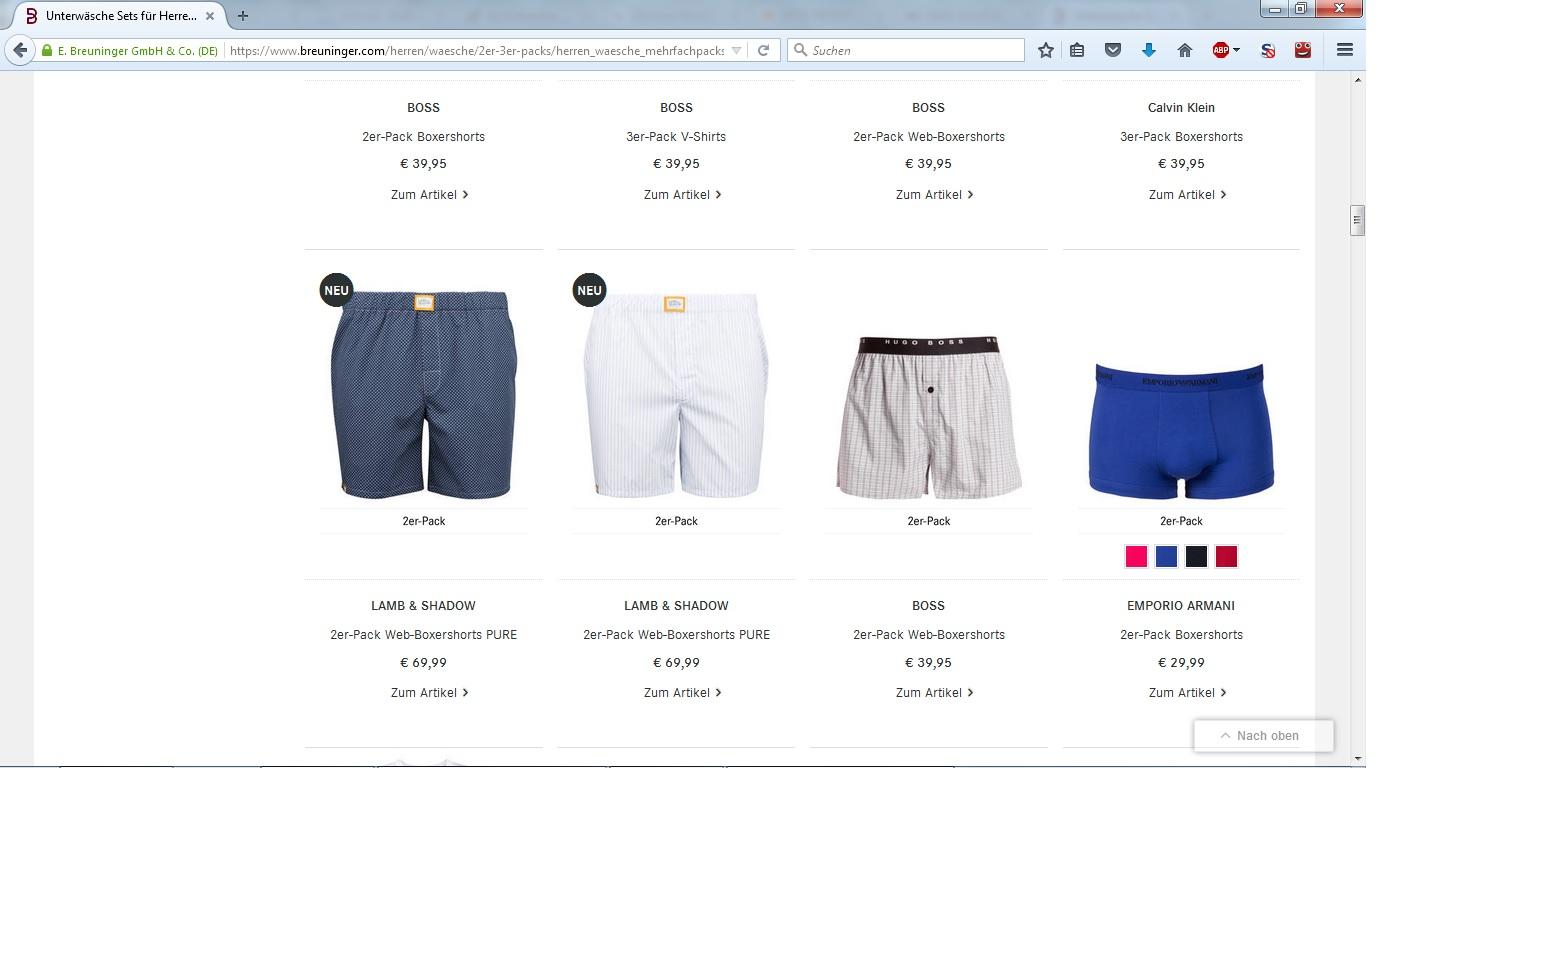 Breuninger Online Shop 02_11_2015